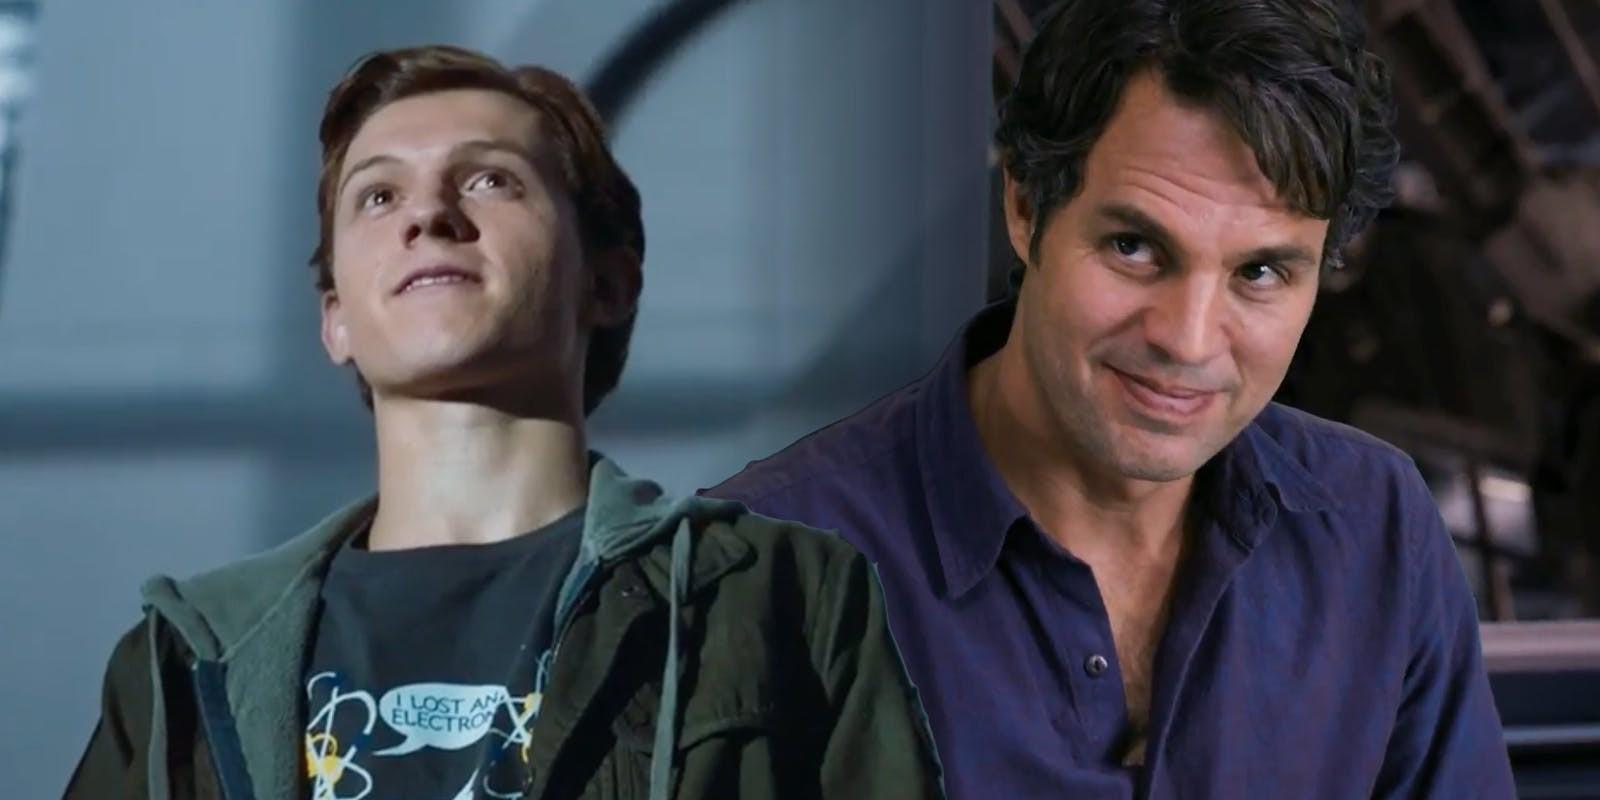 Cả thế giới kêu gọi đừng rò rỉ cái kết Avengers: Infinity War nhưng nhà Marvel lại chứa chấp hai tội đồ này! - Ảnh 1.